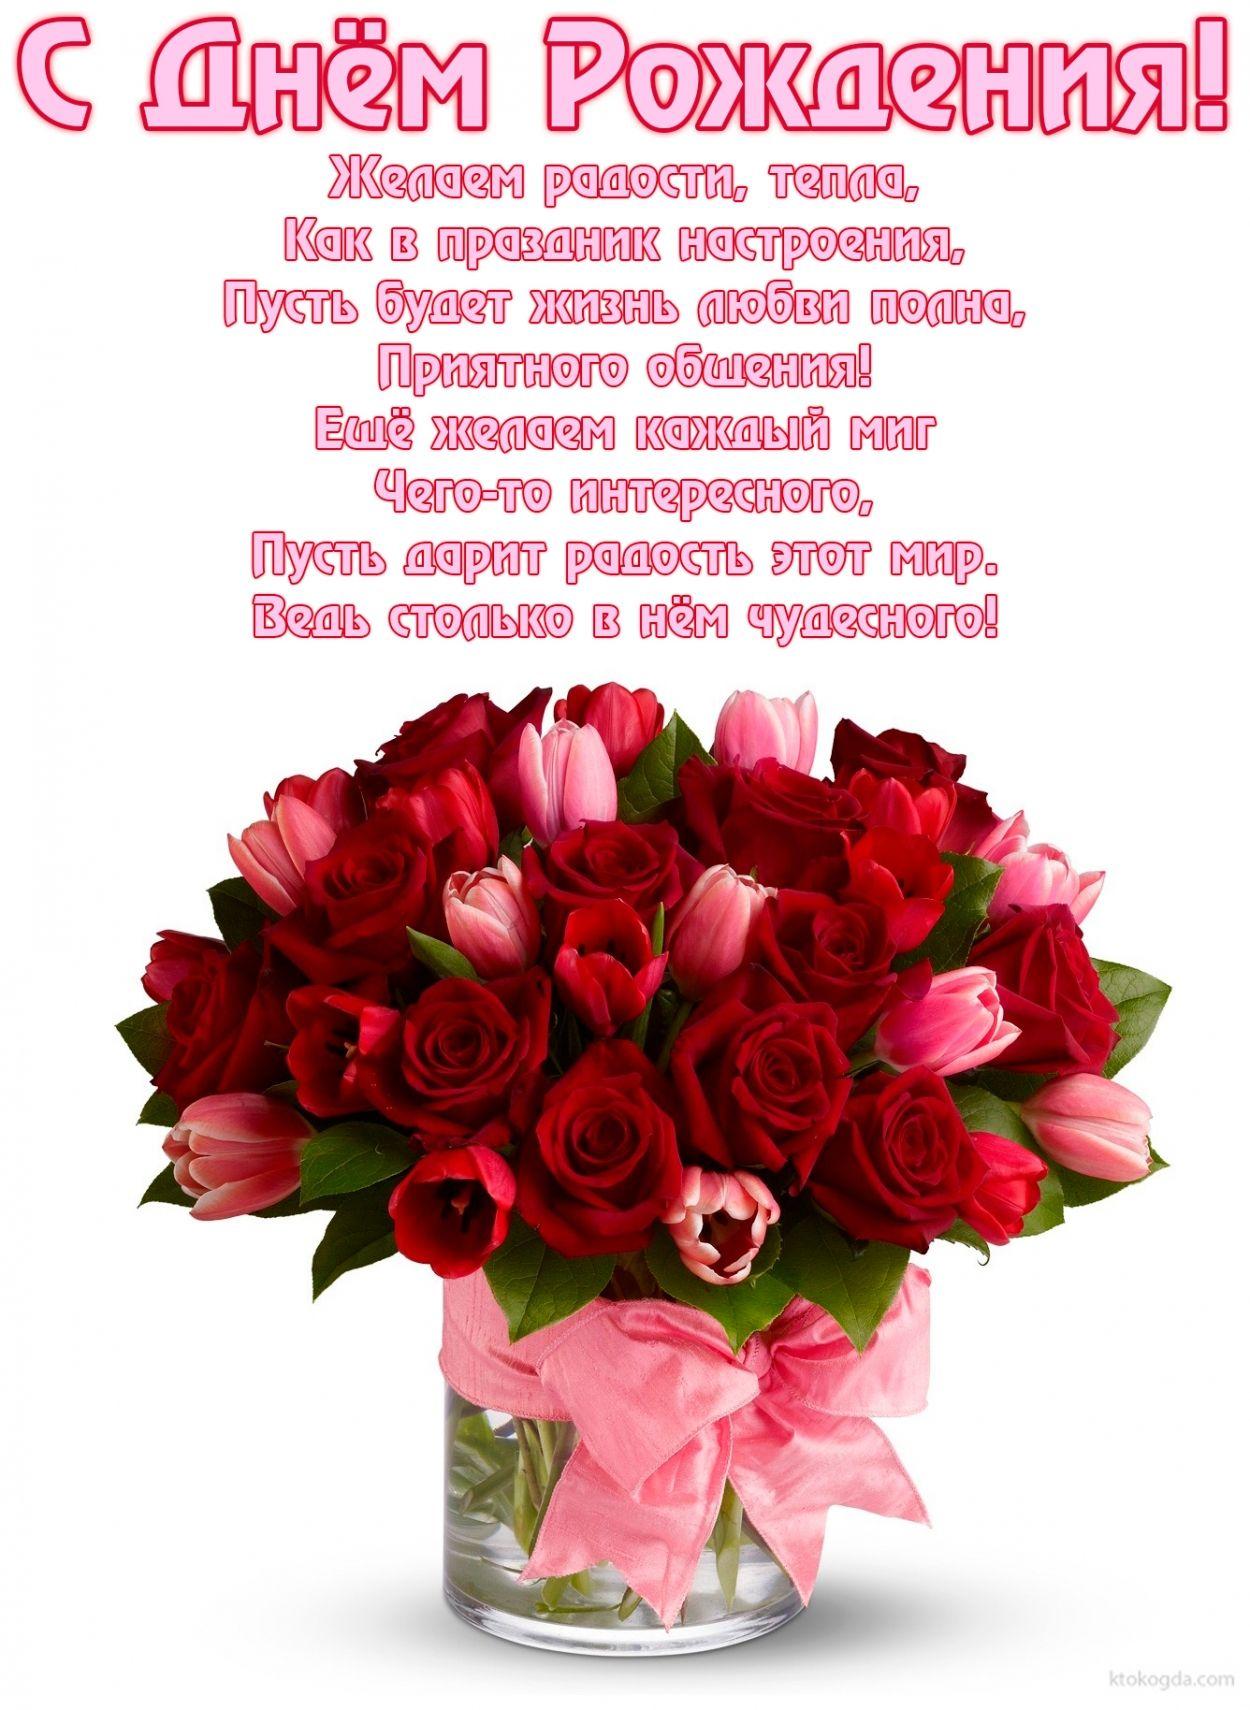 Отправить на телефон поздравления с днем рождения женщине, подпись егора крида